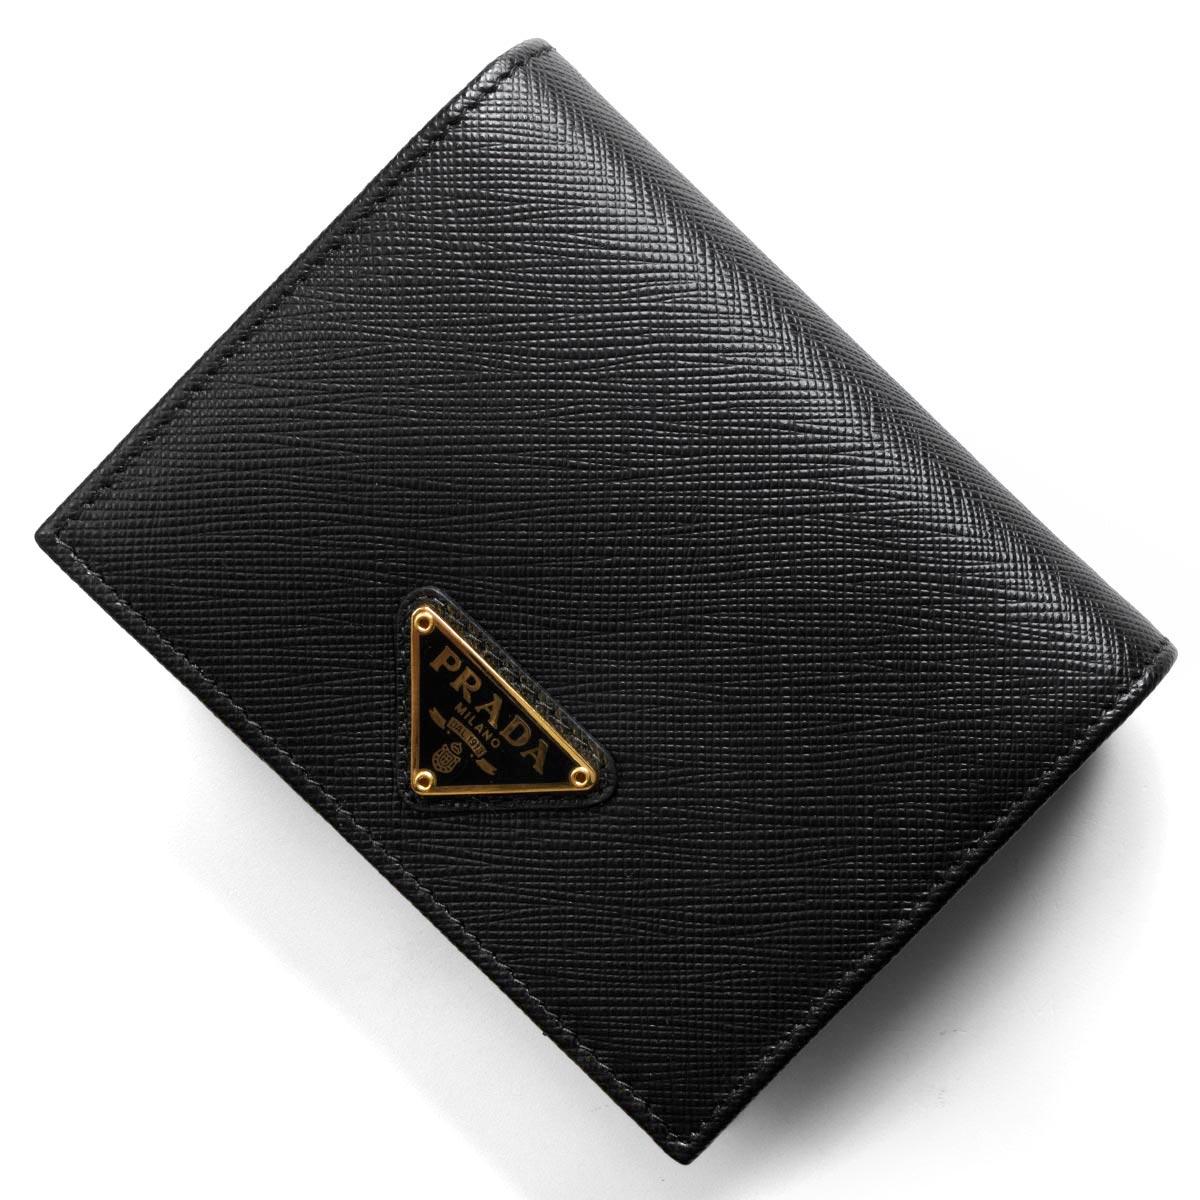 プラダ 二つ折り財布 財布 レディース サフィアーノ トライアングル 三角ロゴプレート ブラック 1MV204 QHH F0002 PRADA